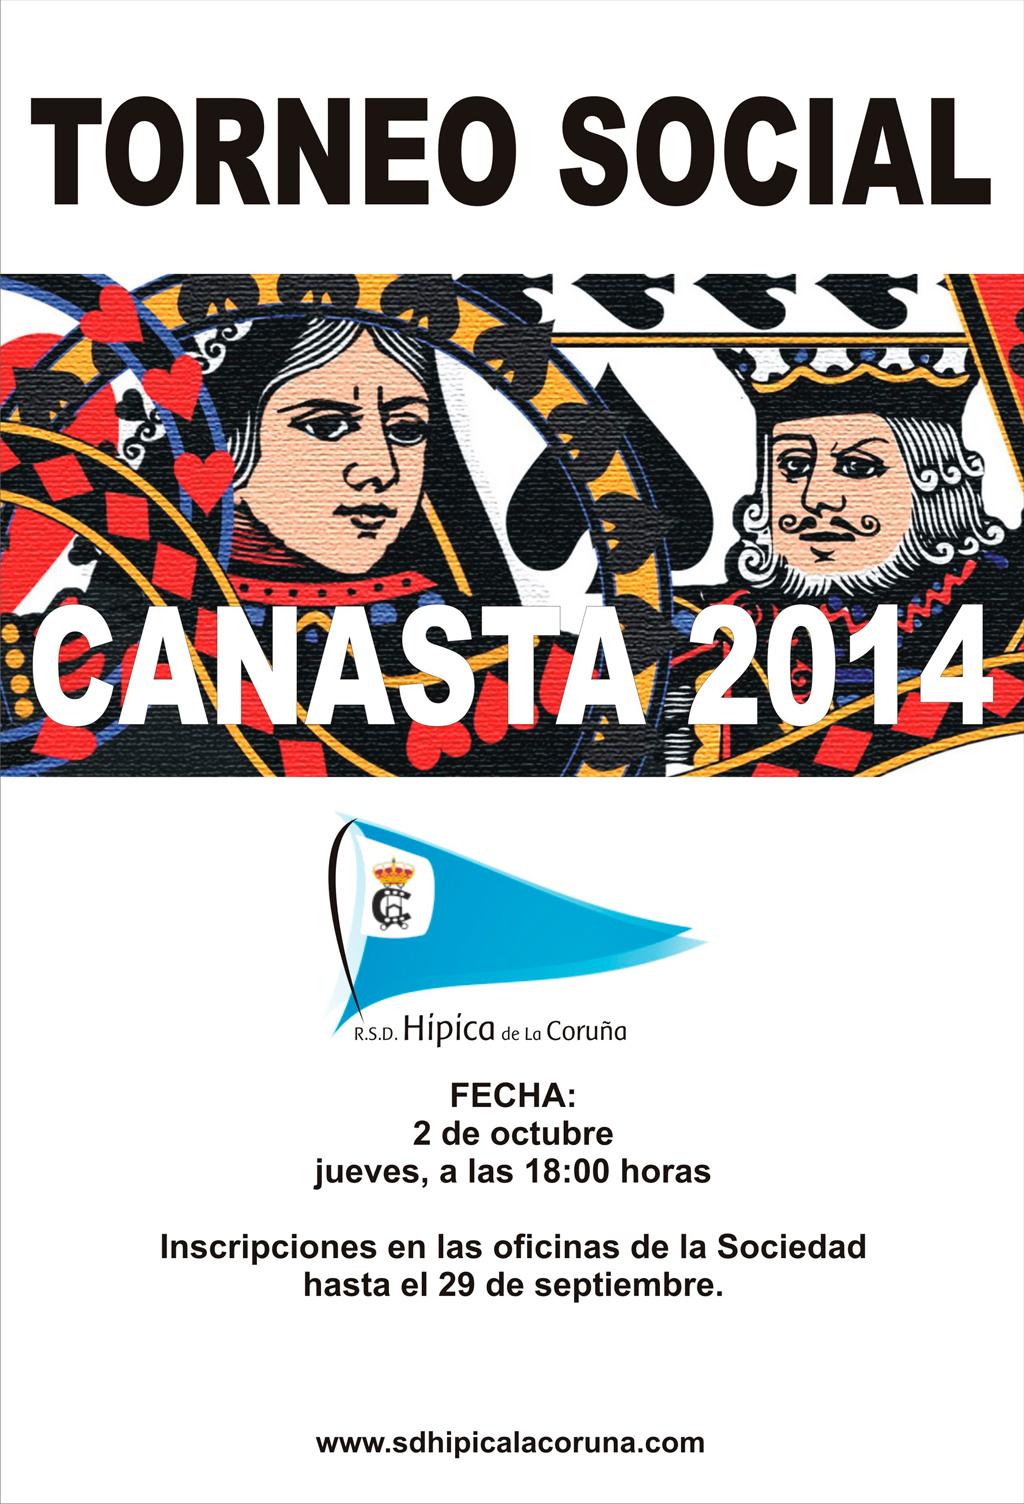 social-canasta-2014